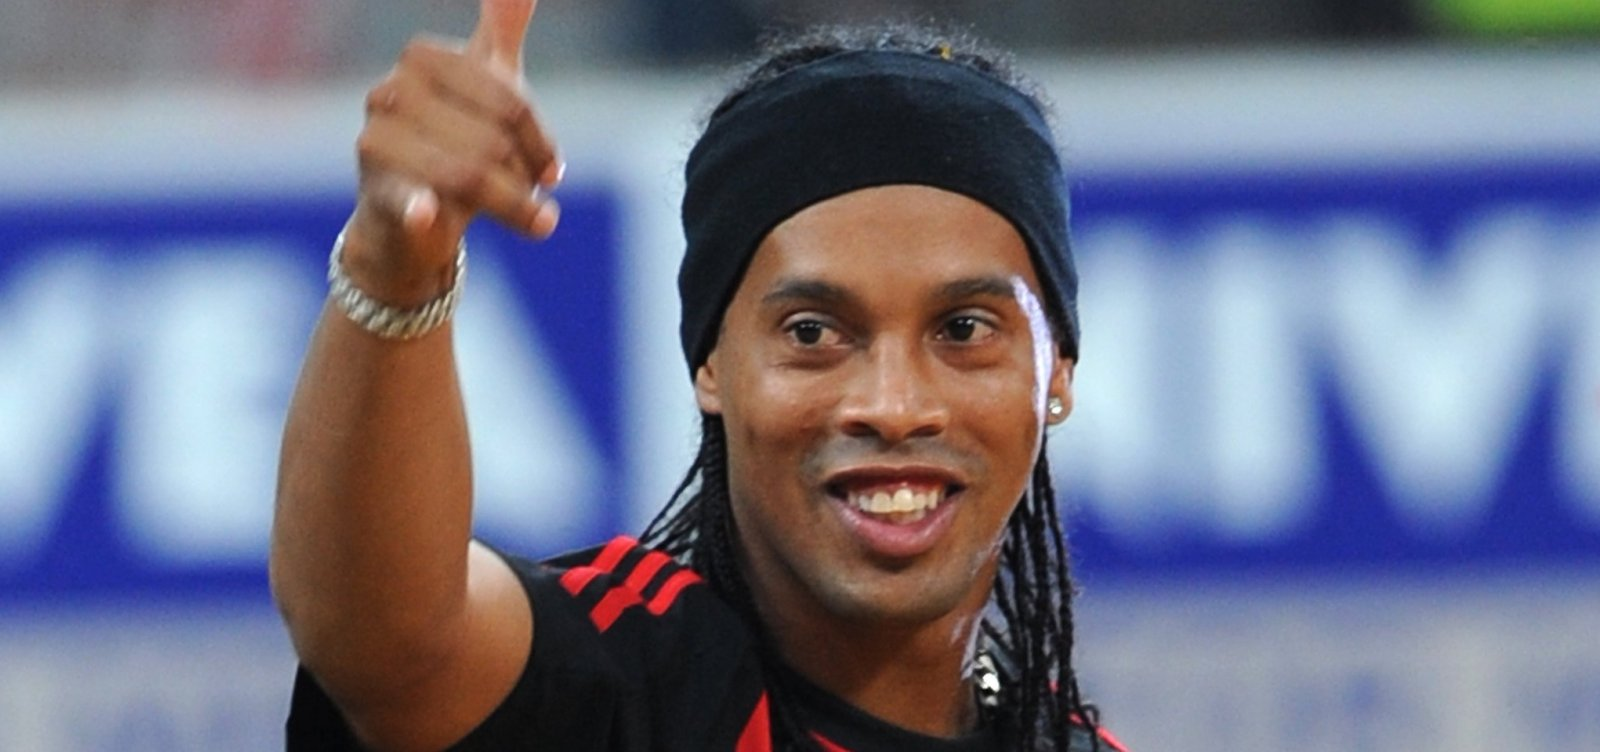 Chapa de Raimundo Viana promete amistoso com Ronaldinho Gaúcho no Vitória